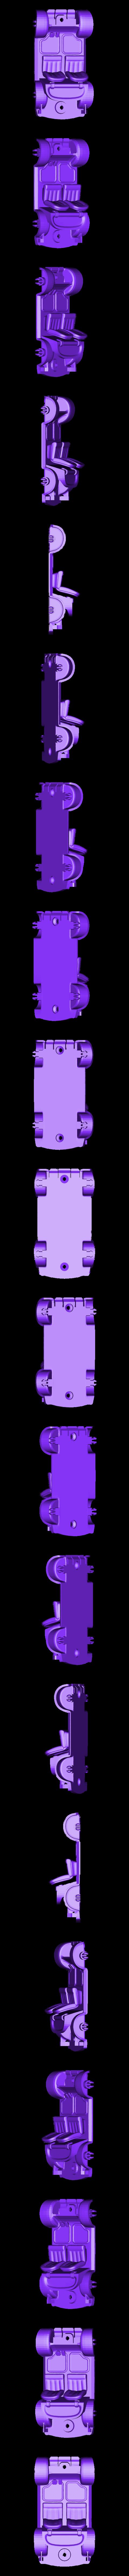 Pony_Car_Bottom.stl Télécharger fichier OBJ gratuit Voiture jouet poney • Modèle pour impression 3D, Slava_Z